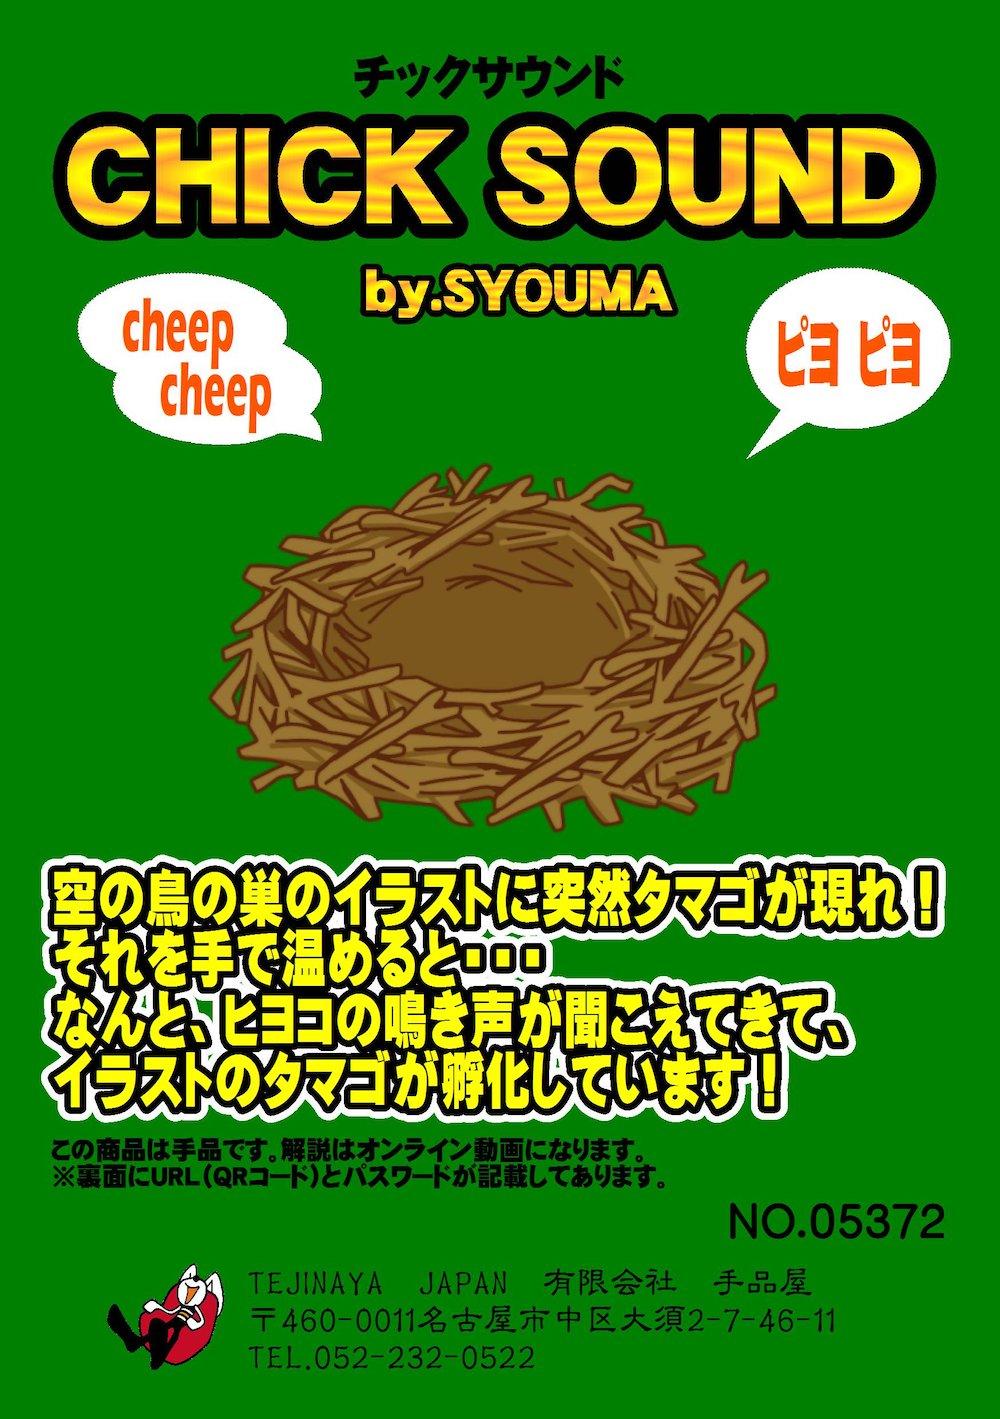 チックサウンド by SYOUMA